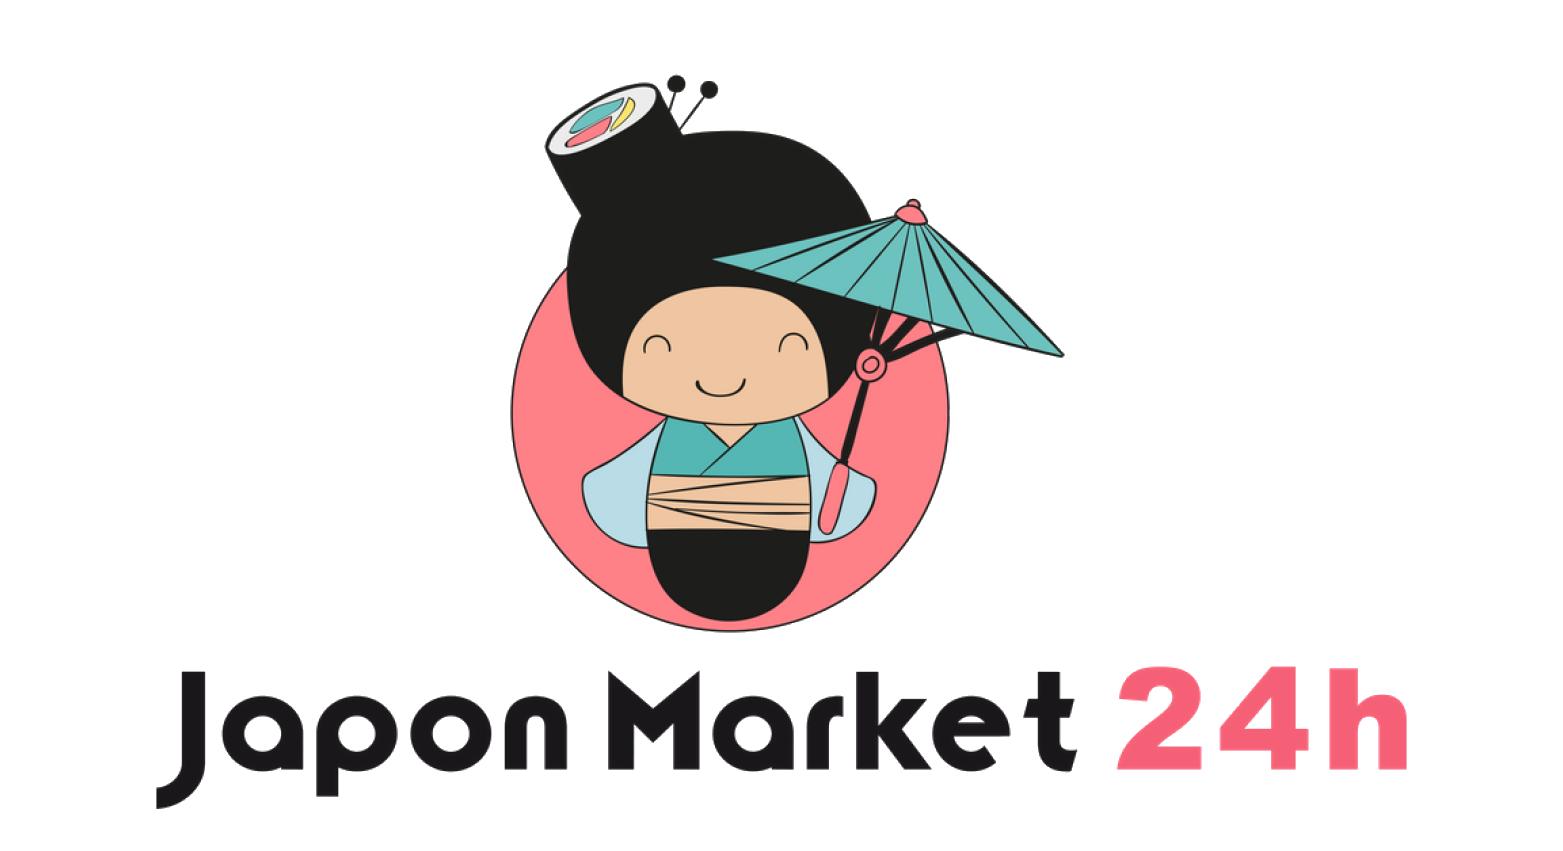 Japon Market 24h